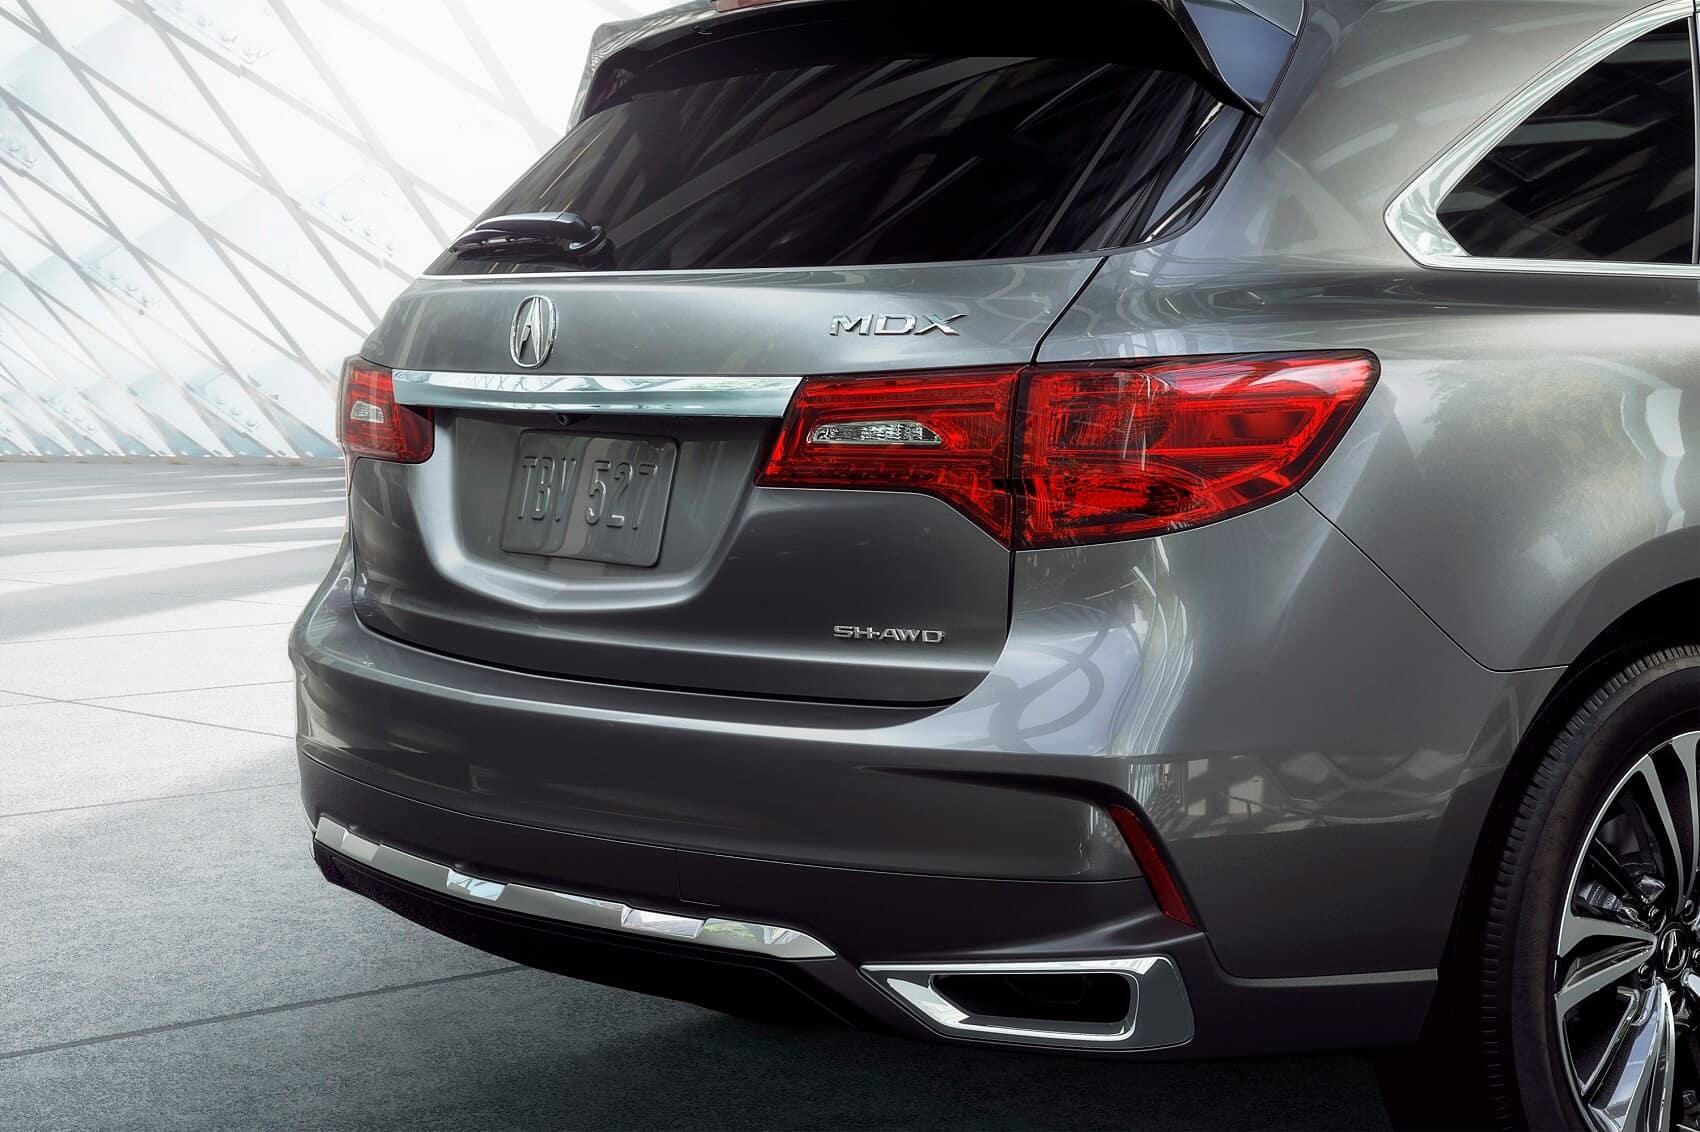 Acura MDX Specs